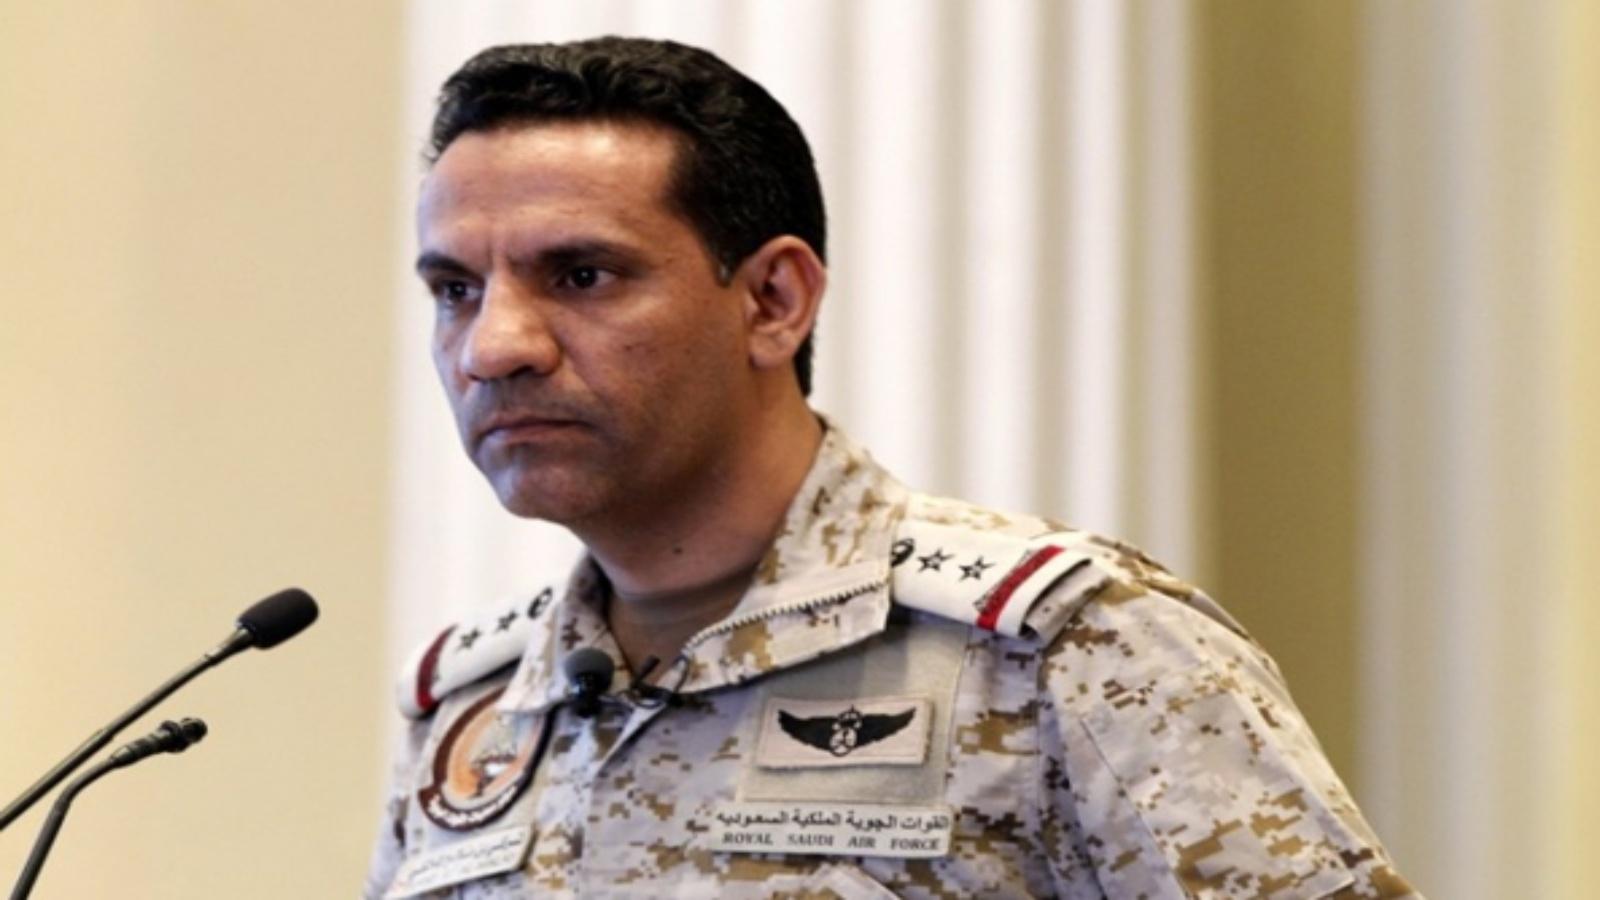 السعودية نيوز |  وصول 19 أسيراً من قوات التحالف لقاعدة الملك سلمان بالرياض